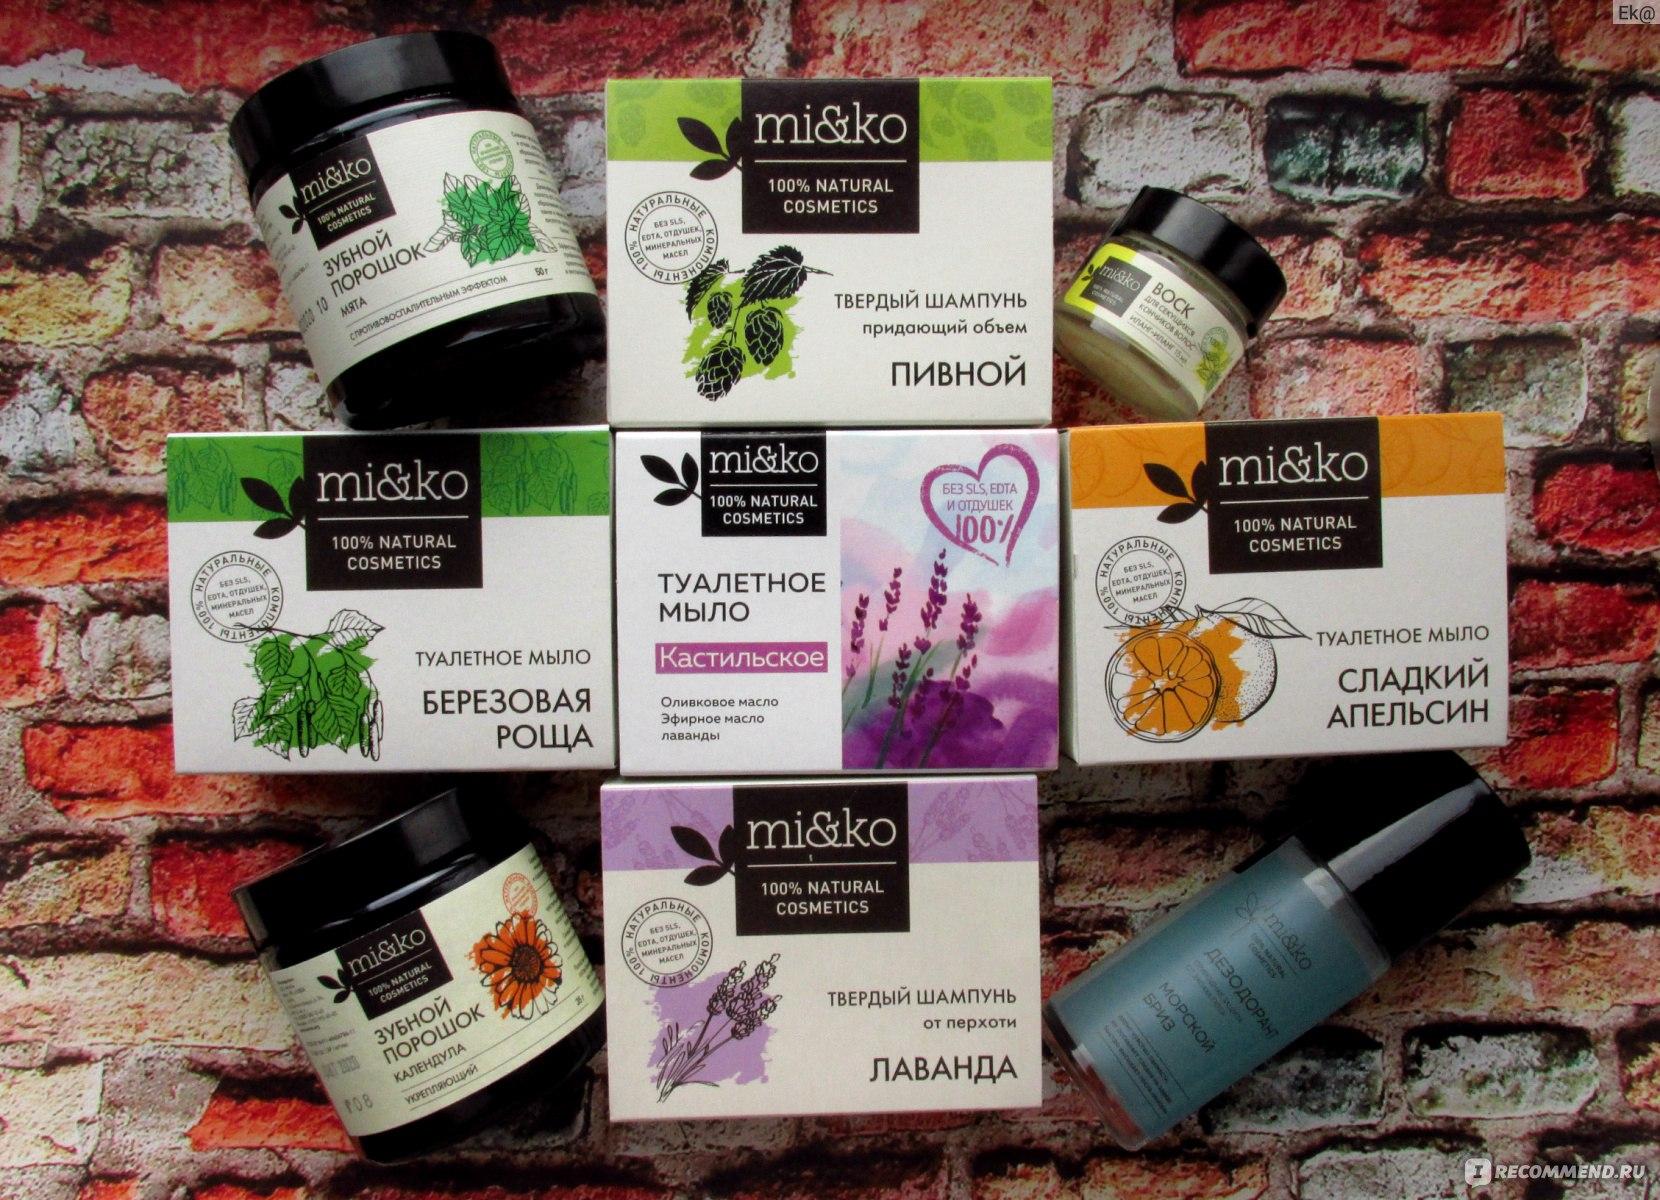 Купить органическую косметику в интернет магазине в беларуси косметика планета органика купить в новосибирске